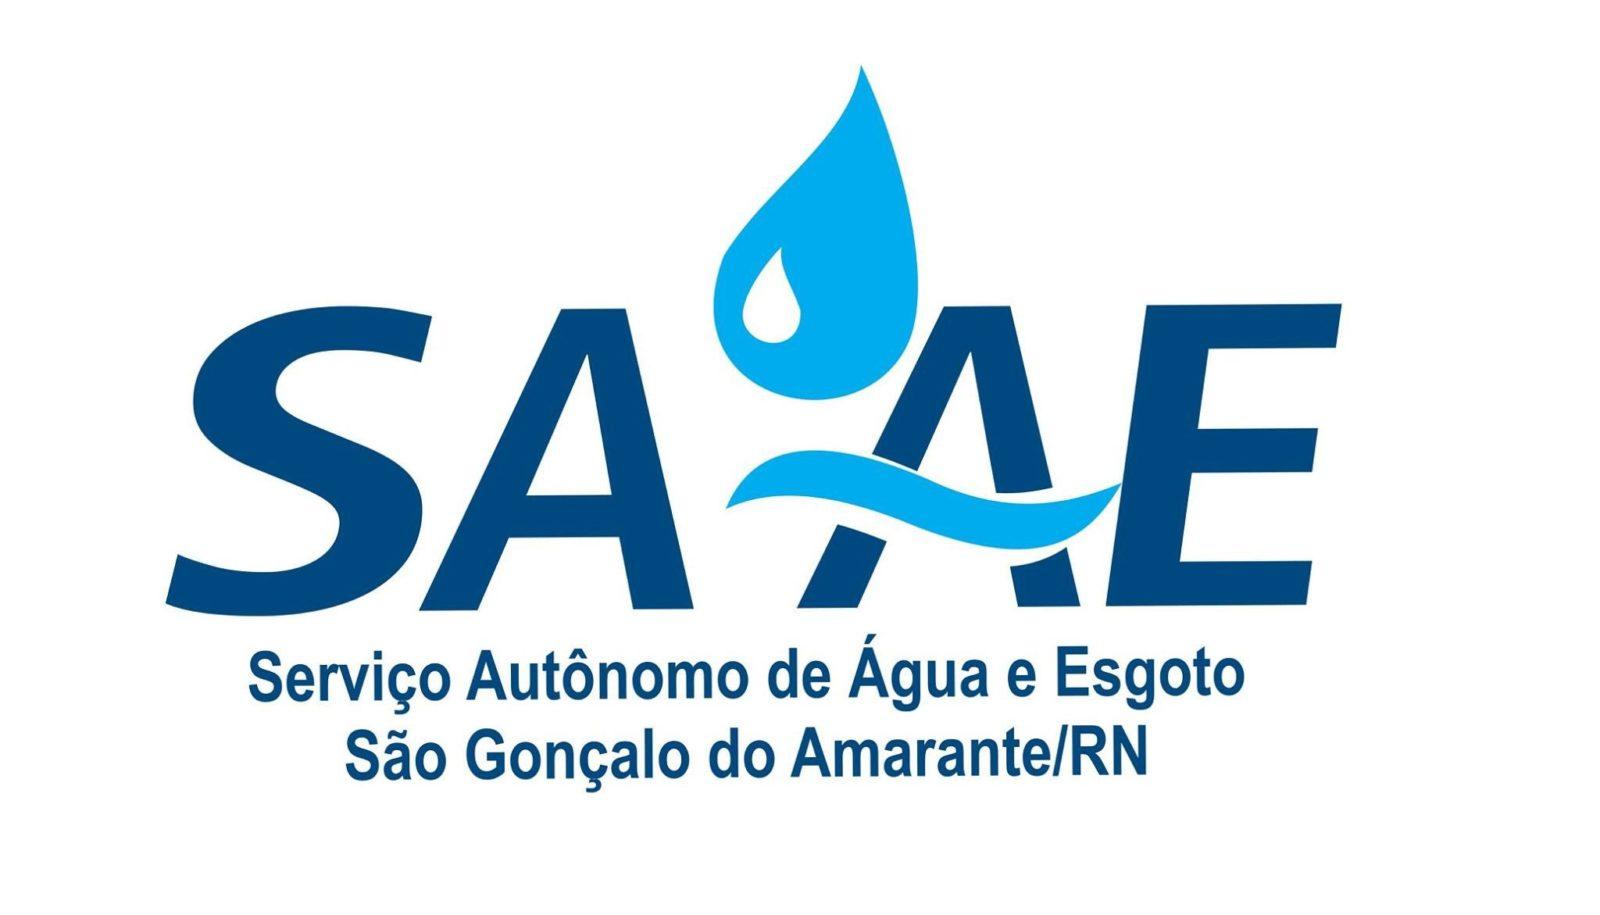 Conheça os canais de atendimento do SAAE